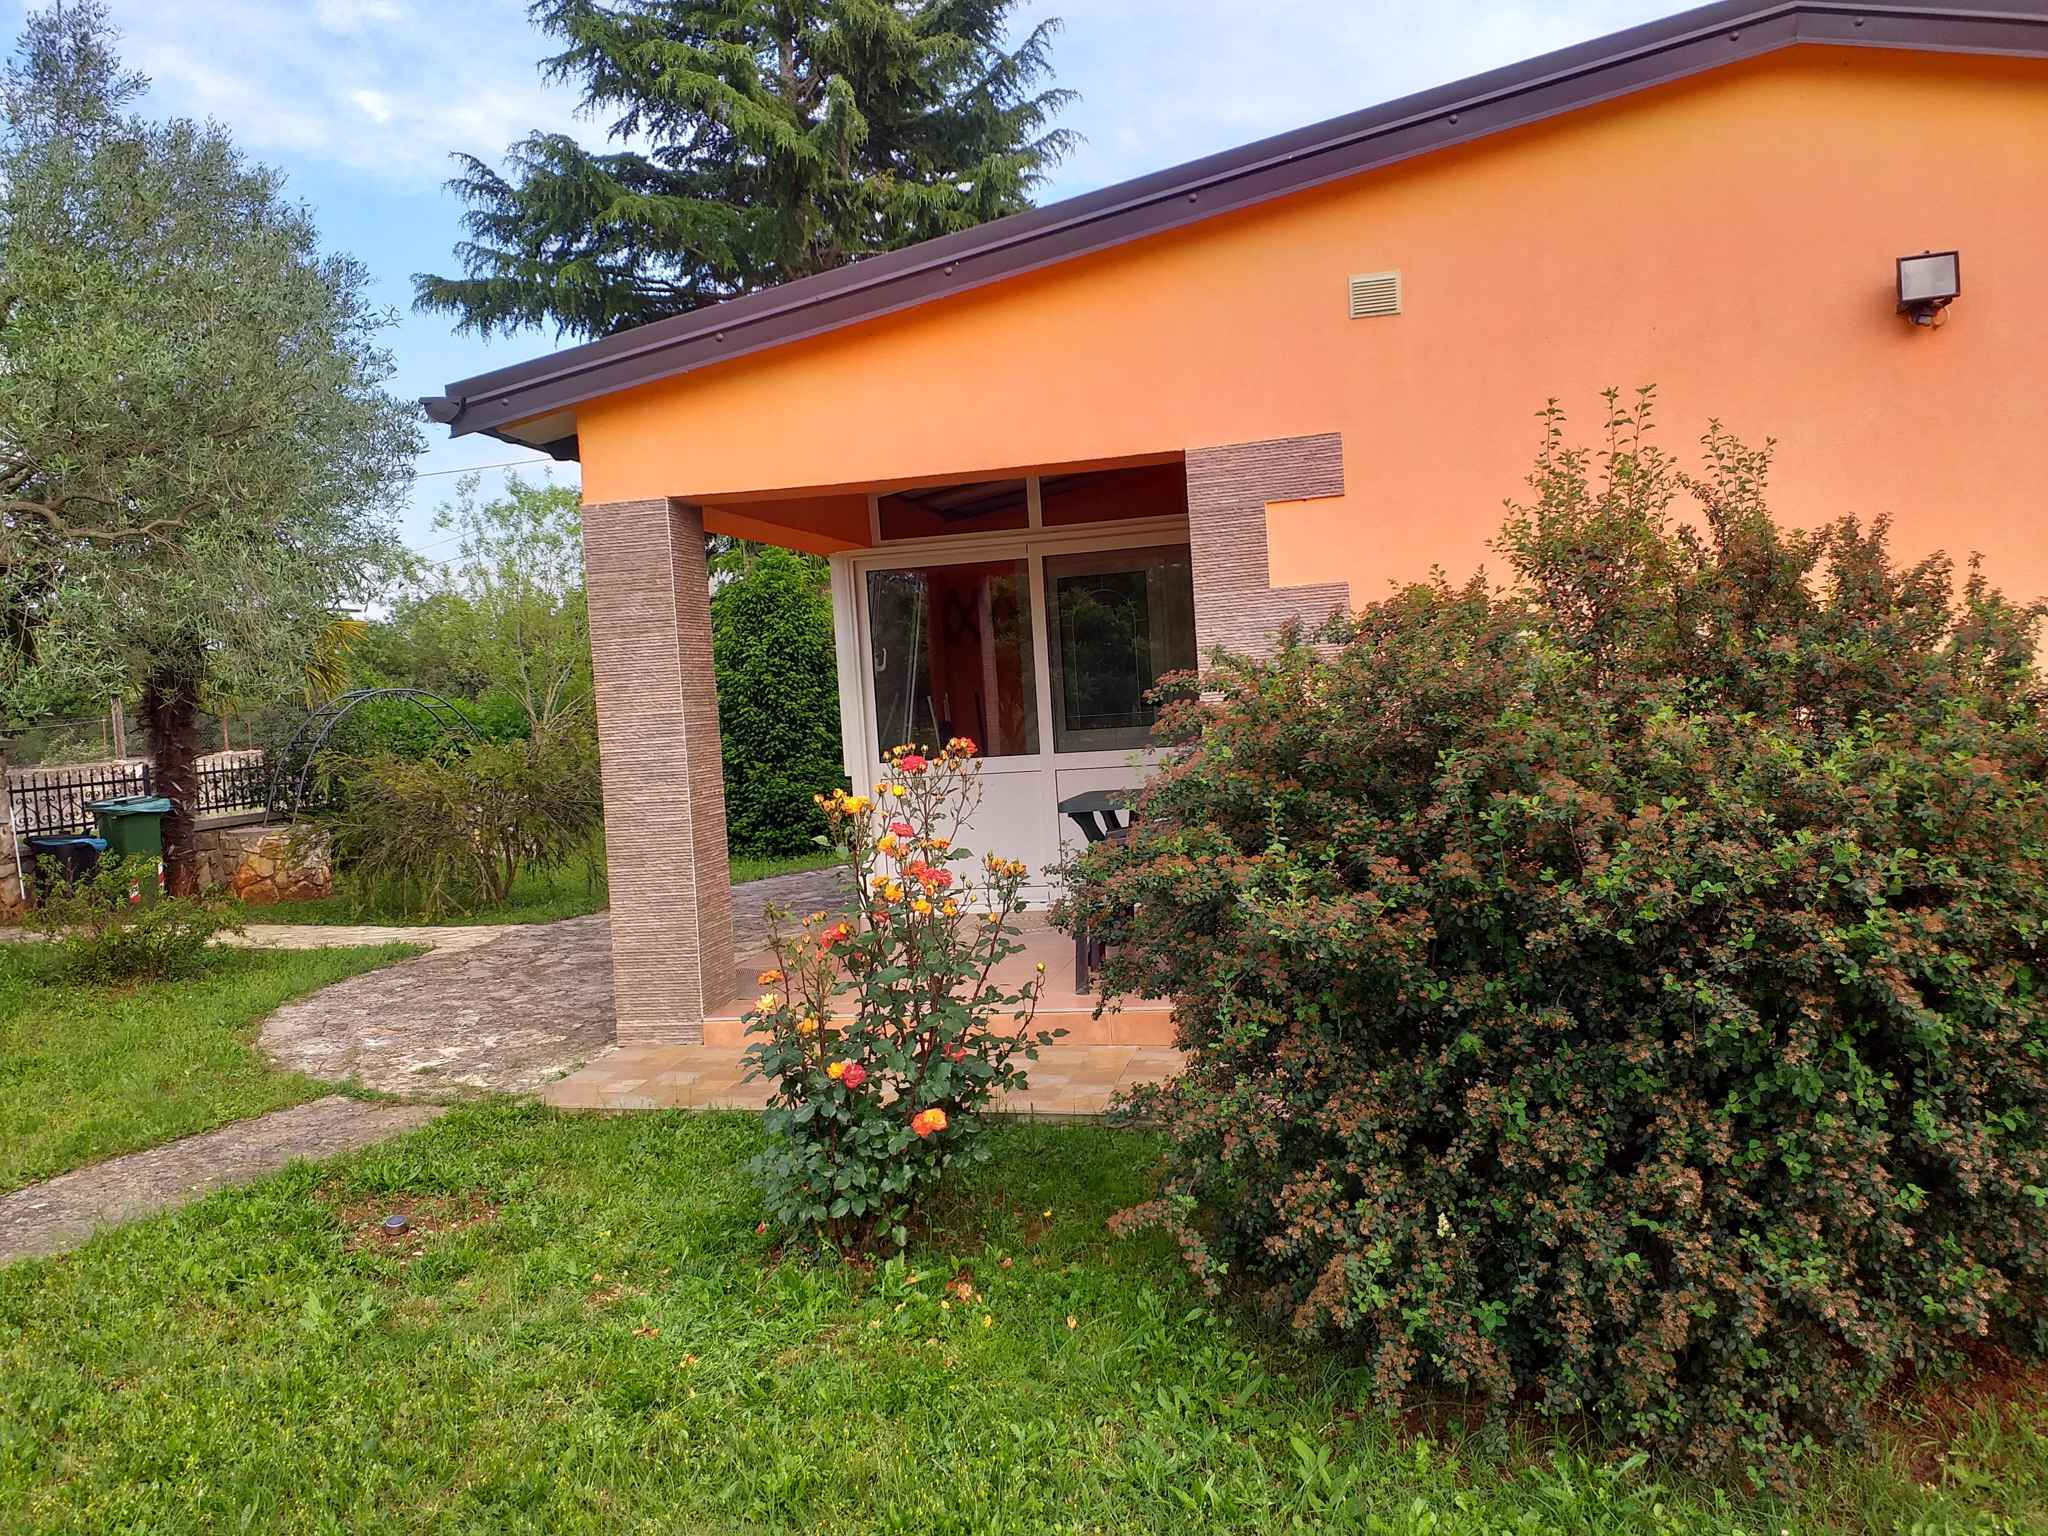 Ferienhaus mit Garten, 2,5km vom Meer entfernt (281005), Rovinj, , Istrien, Kroatien, Bild 8